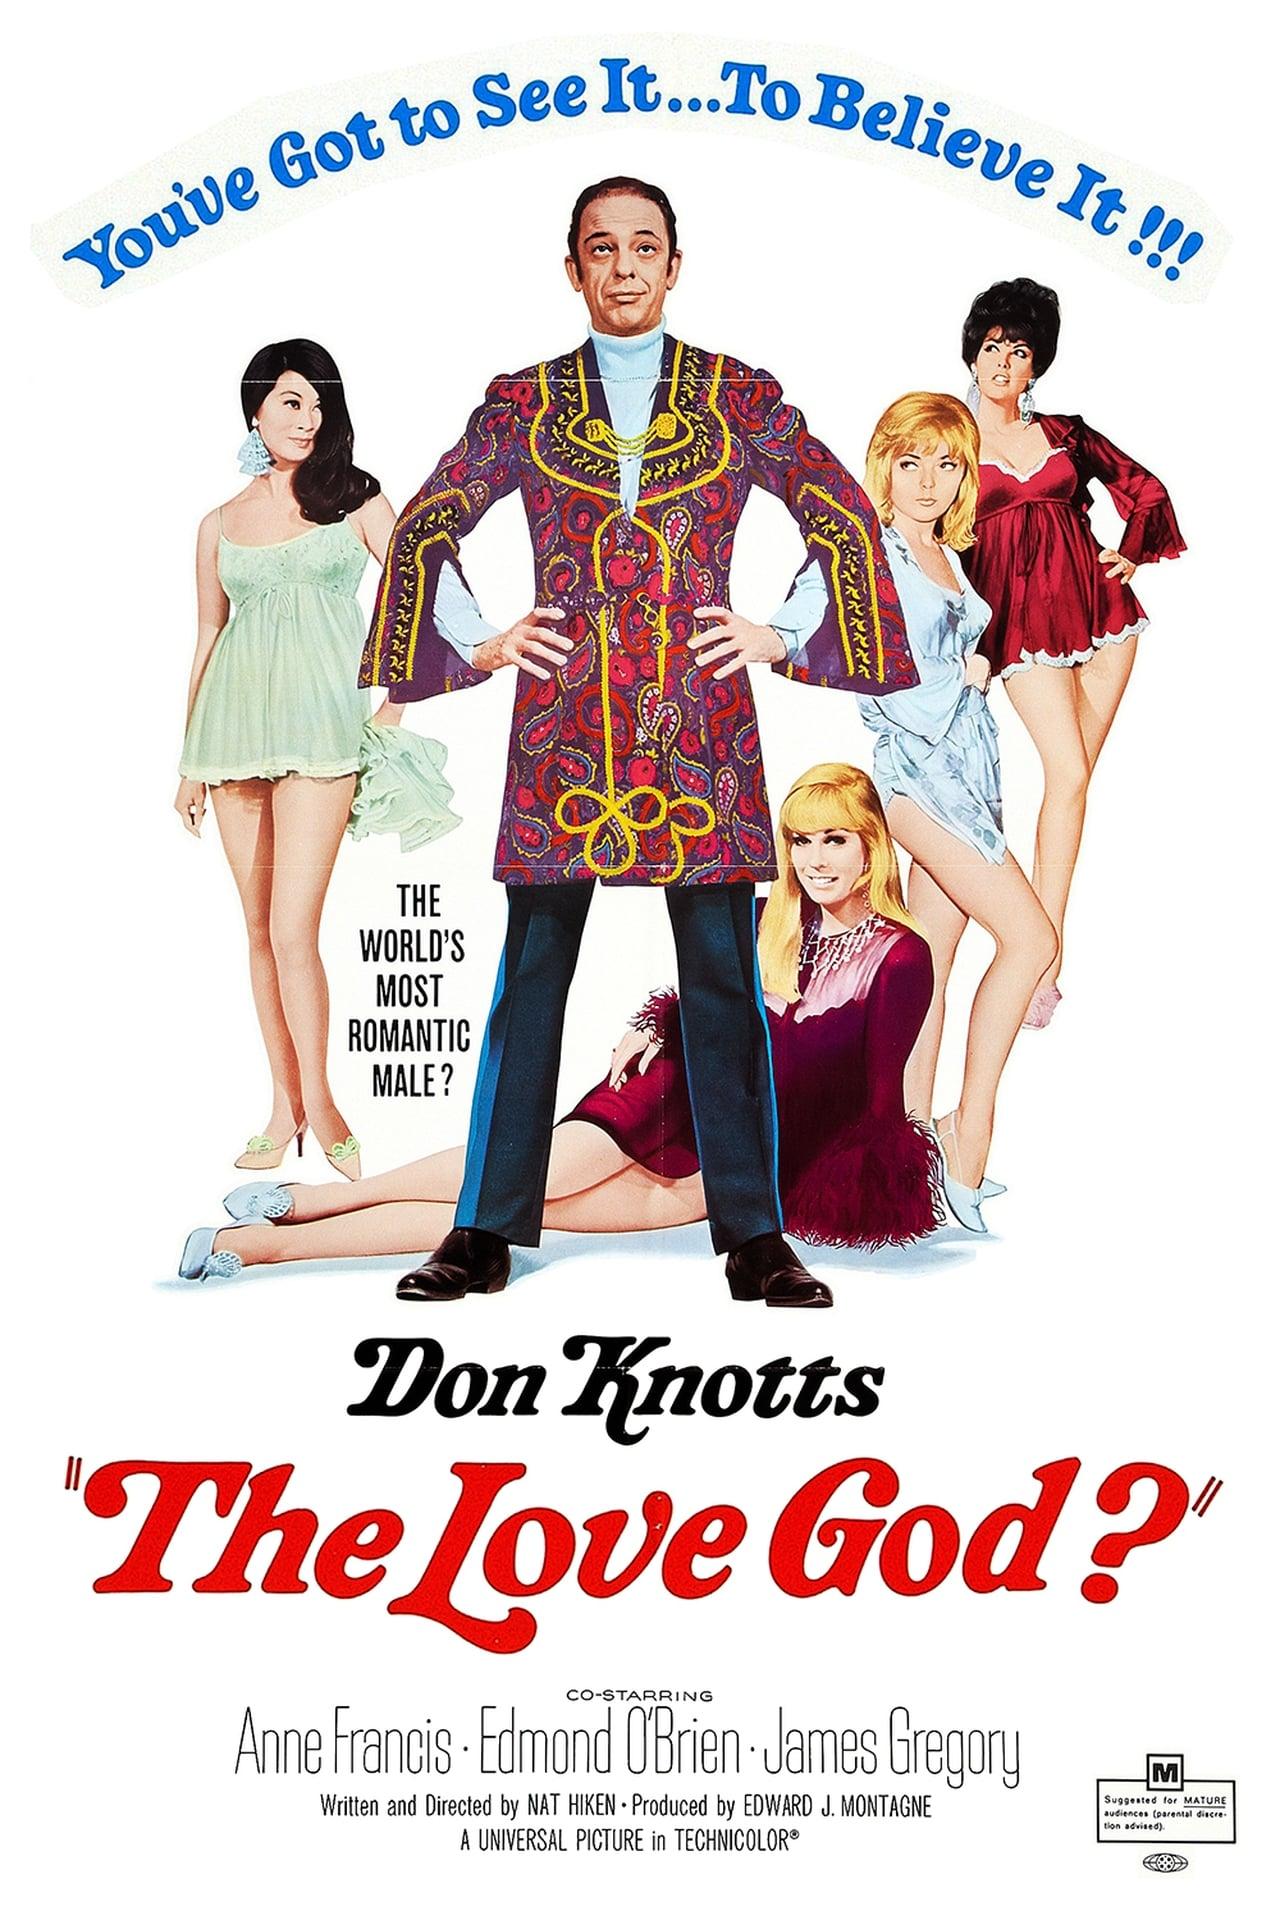 The Love God?